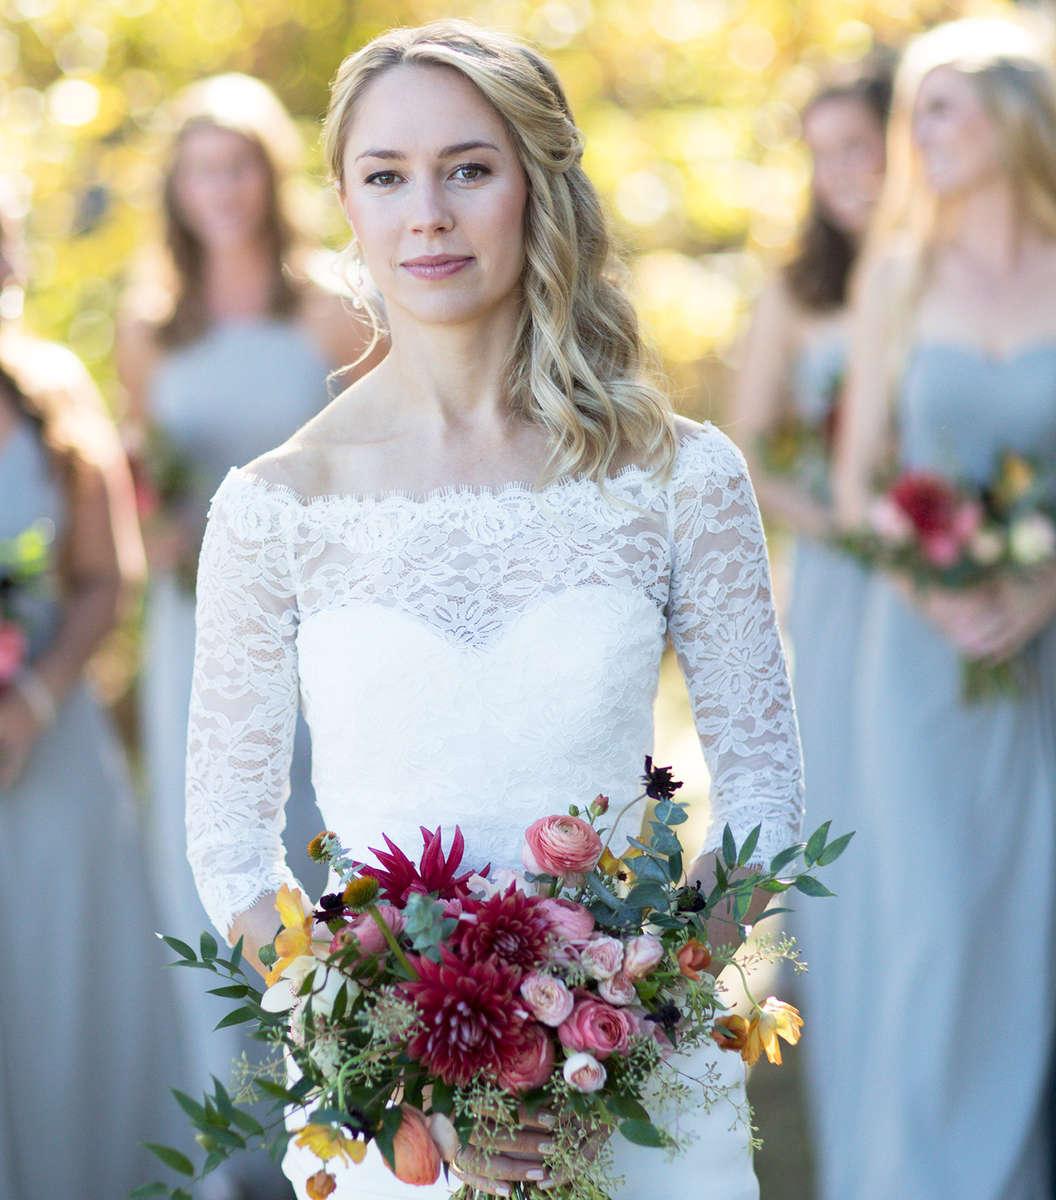 bride-facing-the-camera